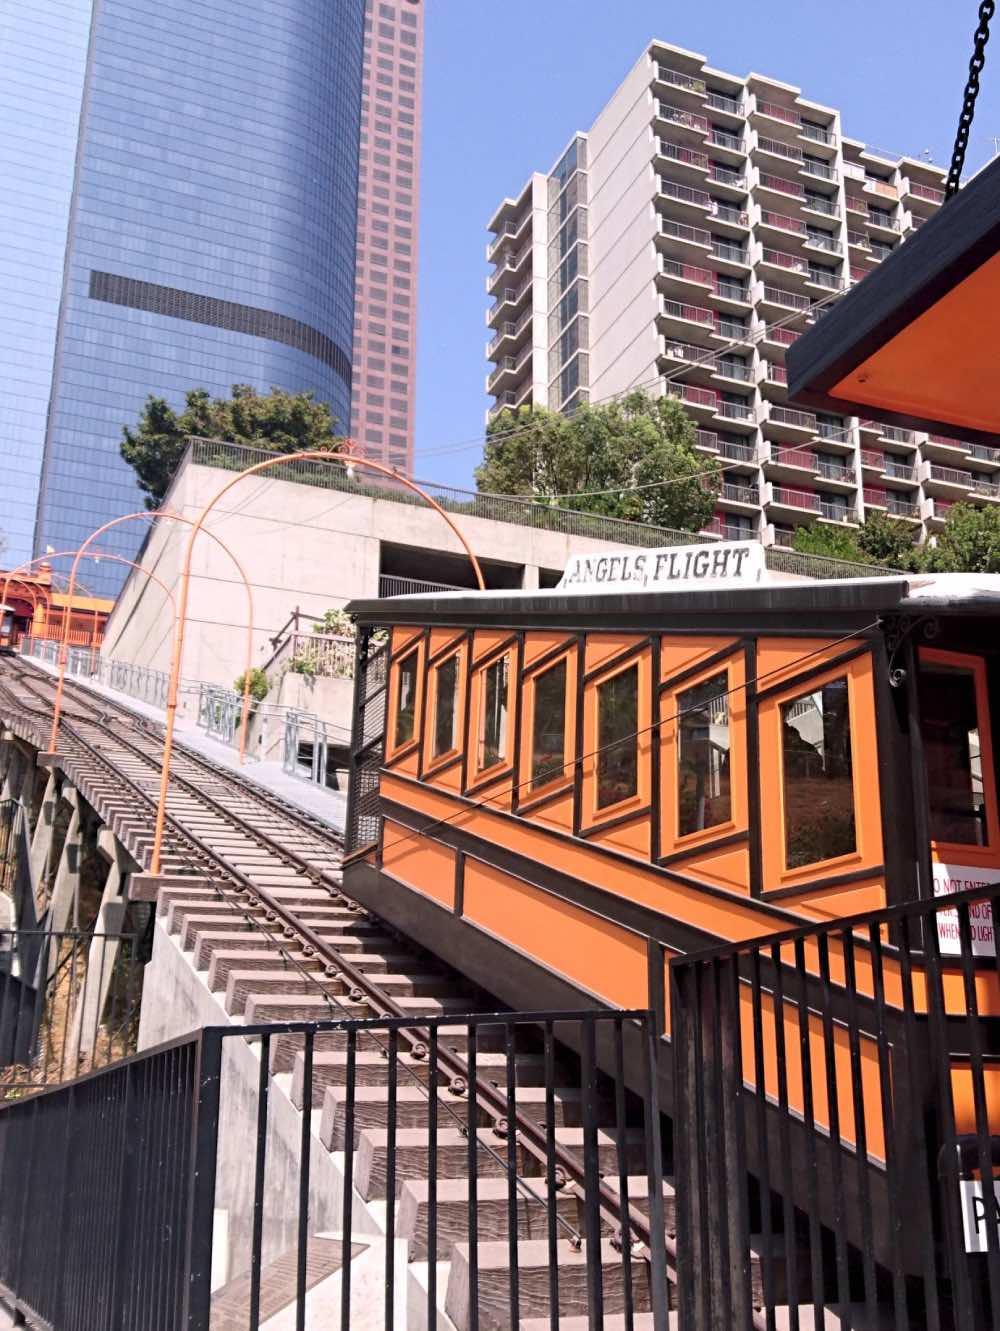 Historic cablecar